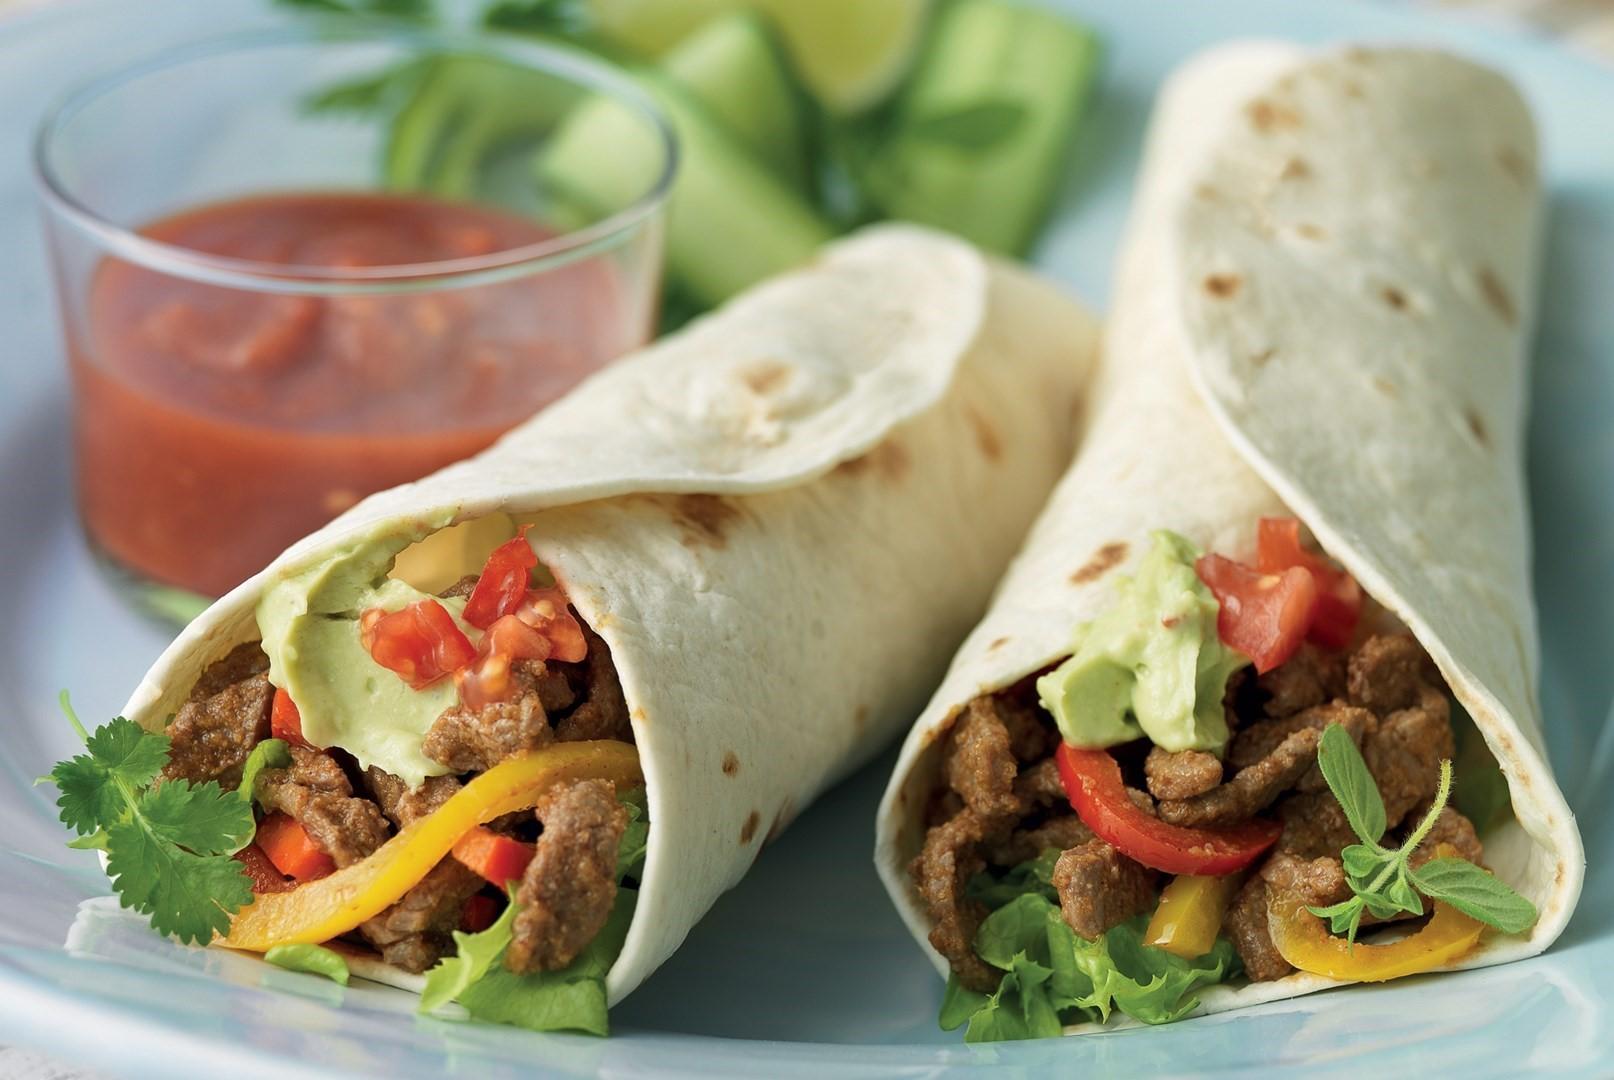 Viva La Mexico! Популярные мексиканские блюда, которые можно приготовить дома. Бурито